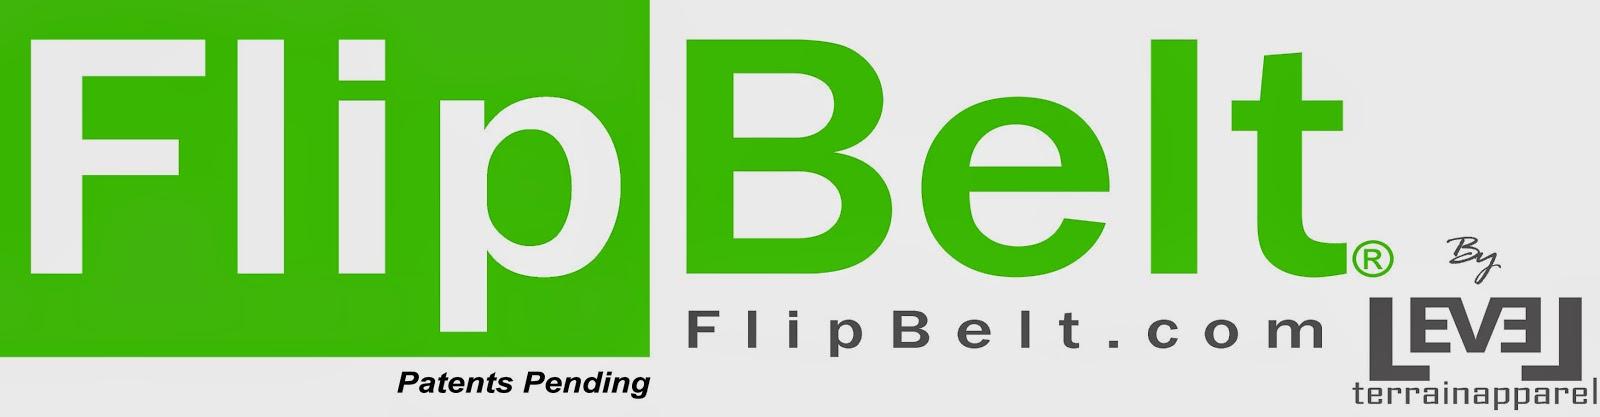 http://www.flipbelt.com